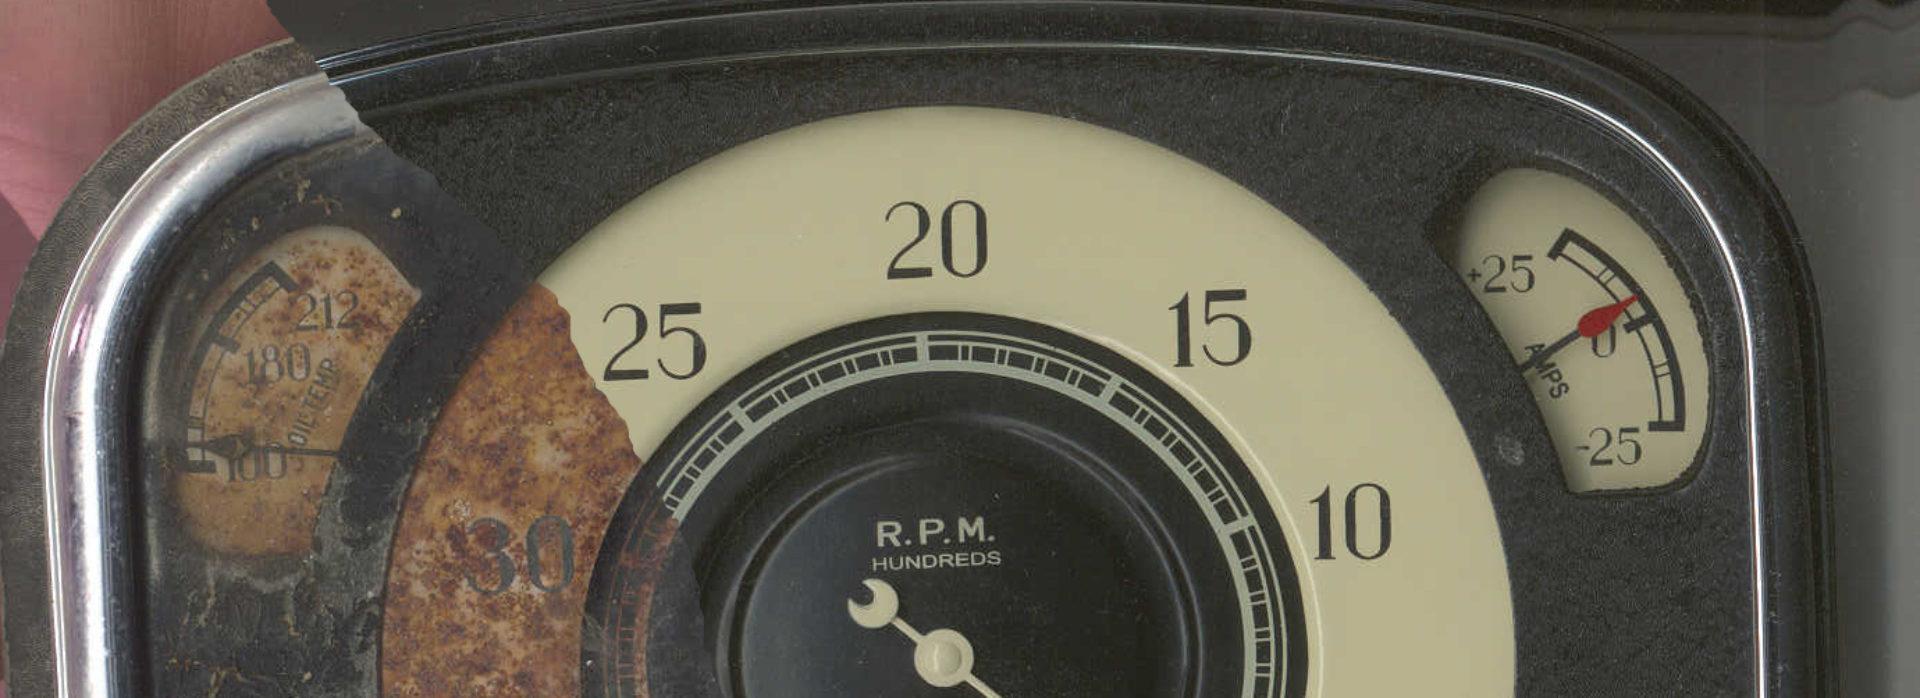 Clawson Classic Instrumentation